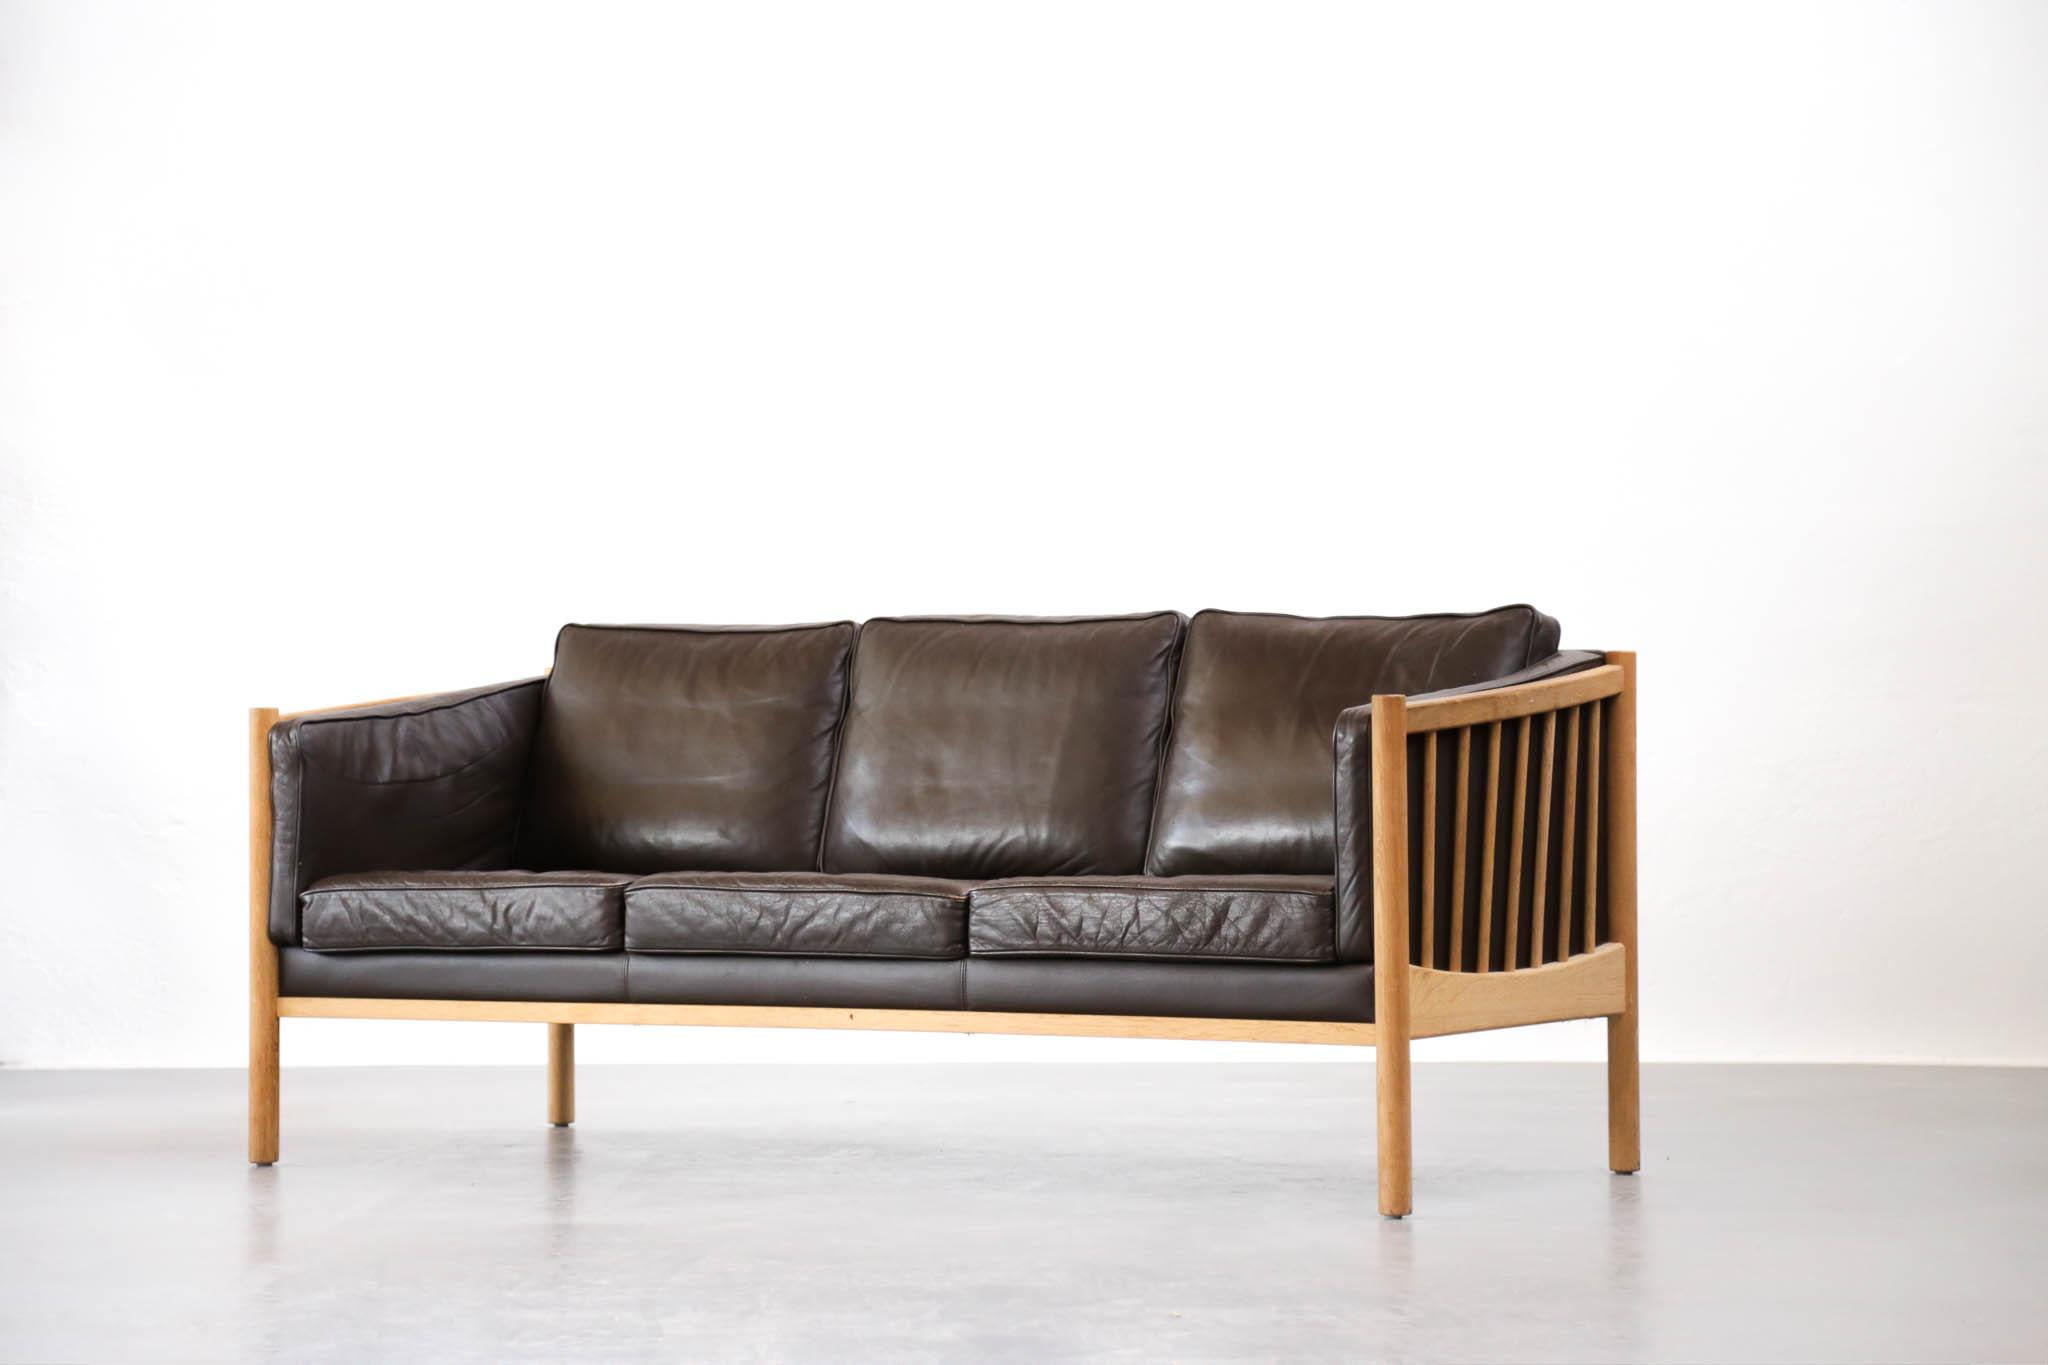 Banquette Scandinave En Cuir Sofa Danke Galerie